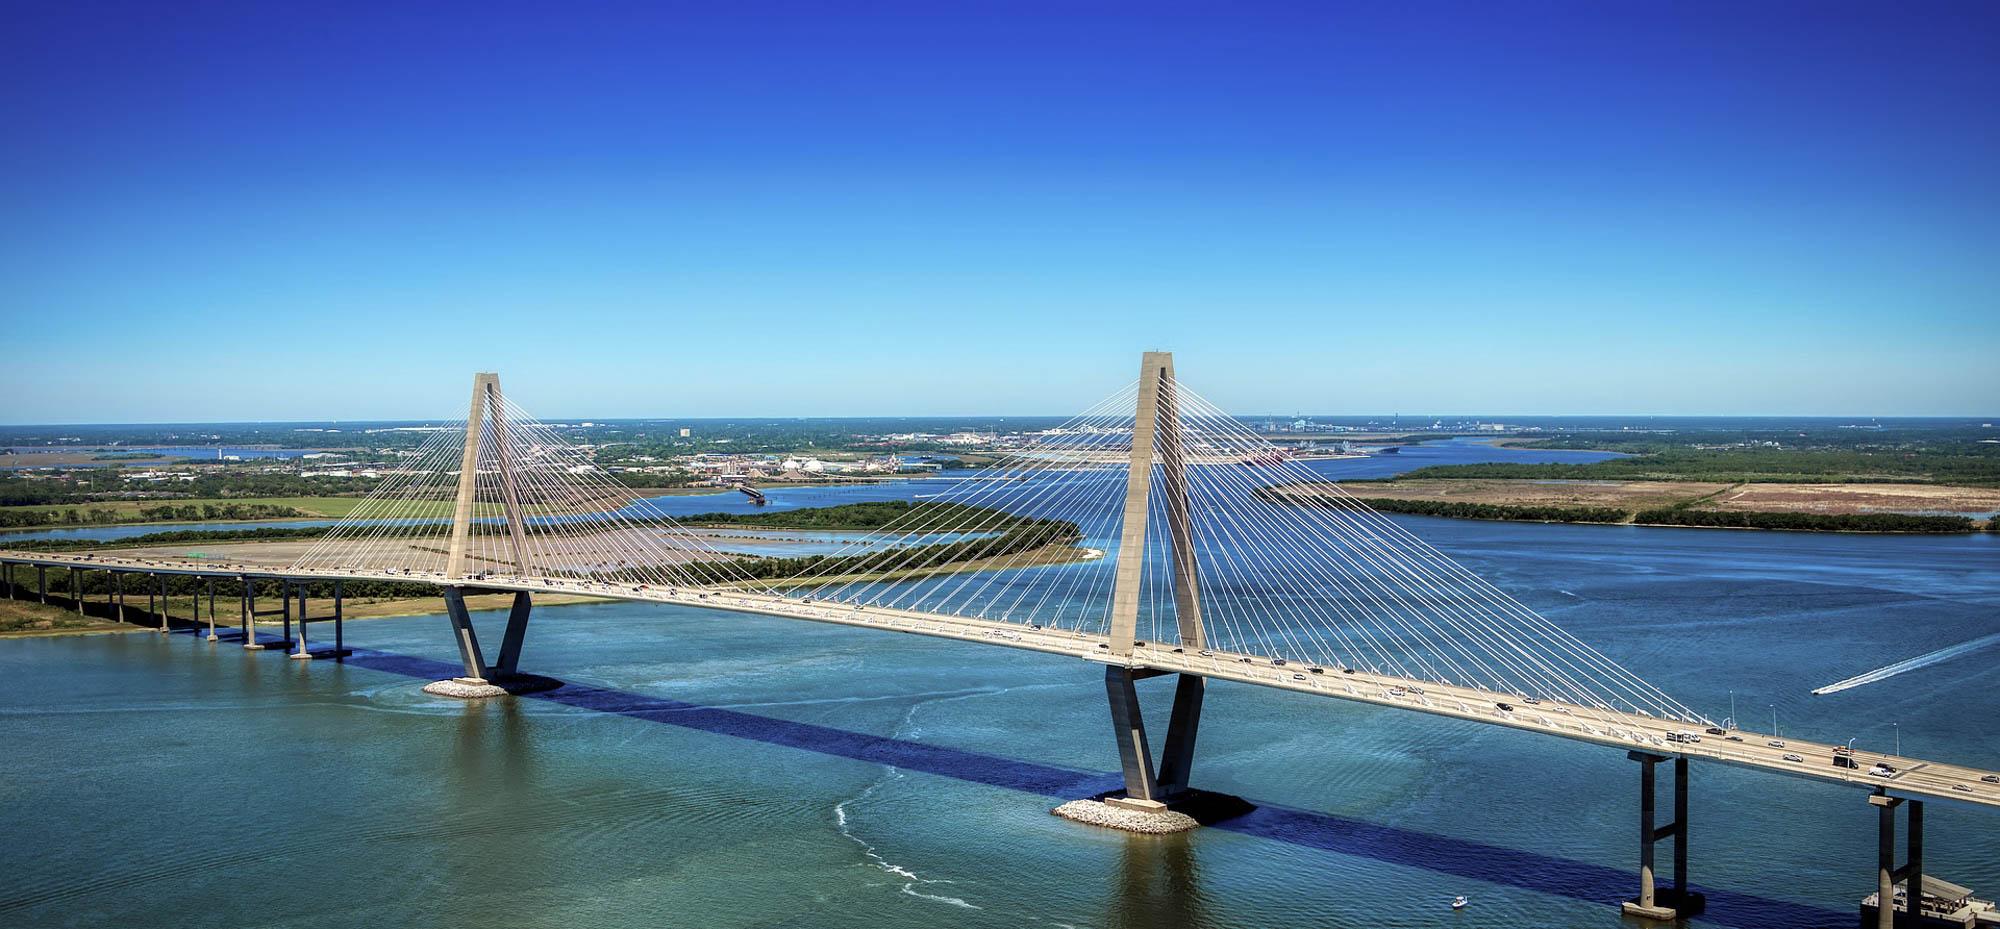 Ravenel Bridge in South Carolina